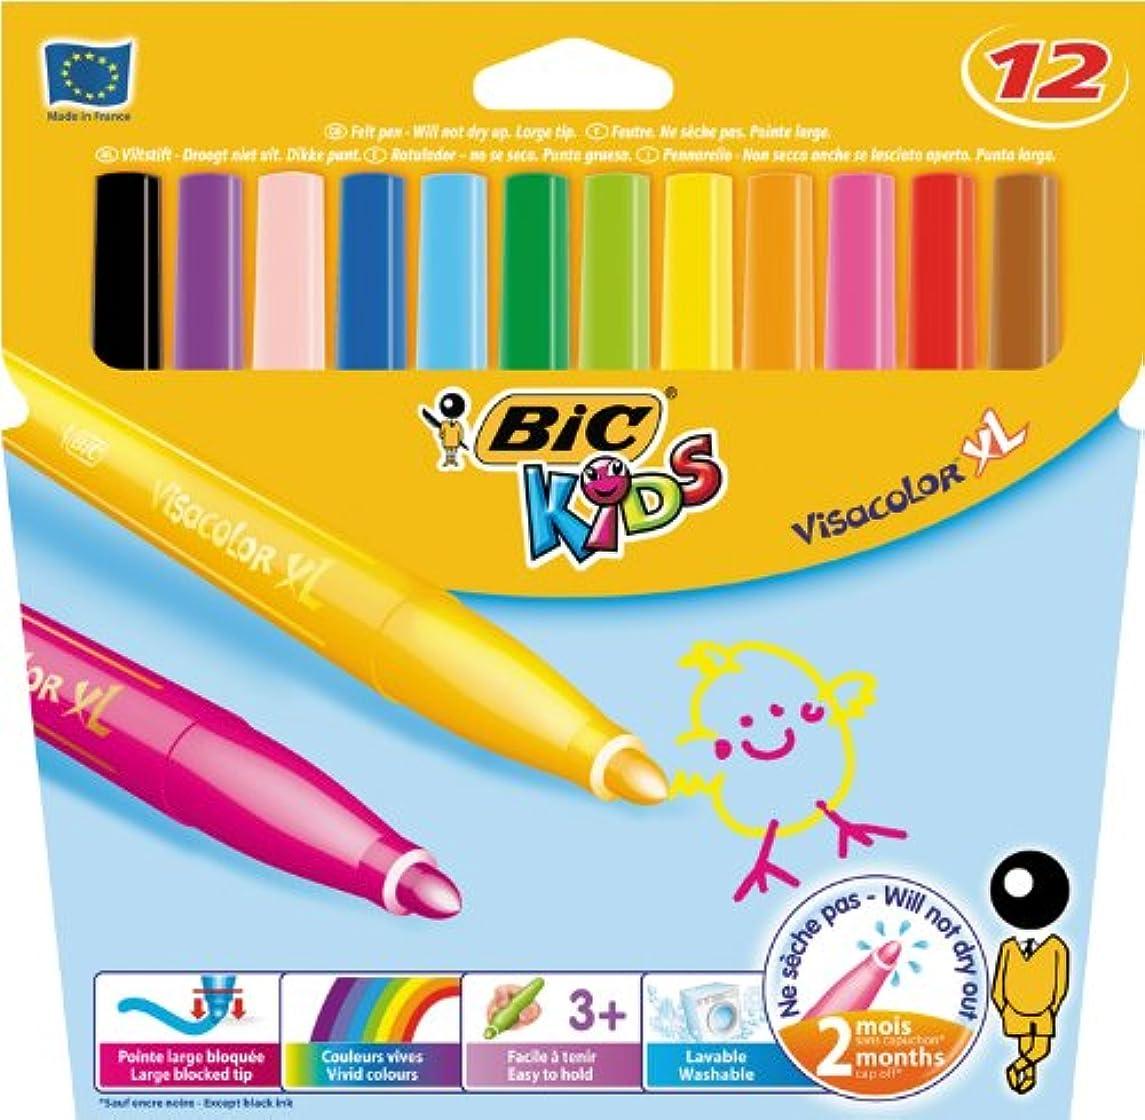 BiC Kids Visa XL Colouring Pens - Orange (Box of 12)